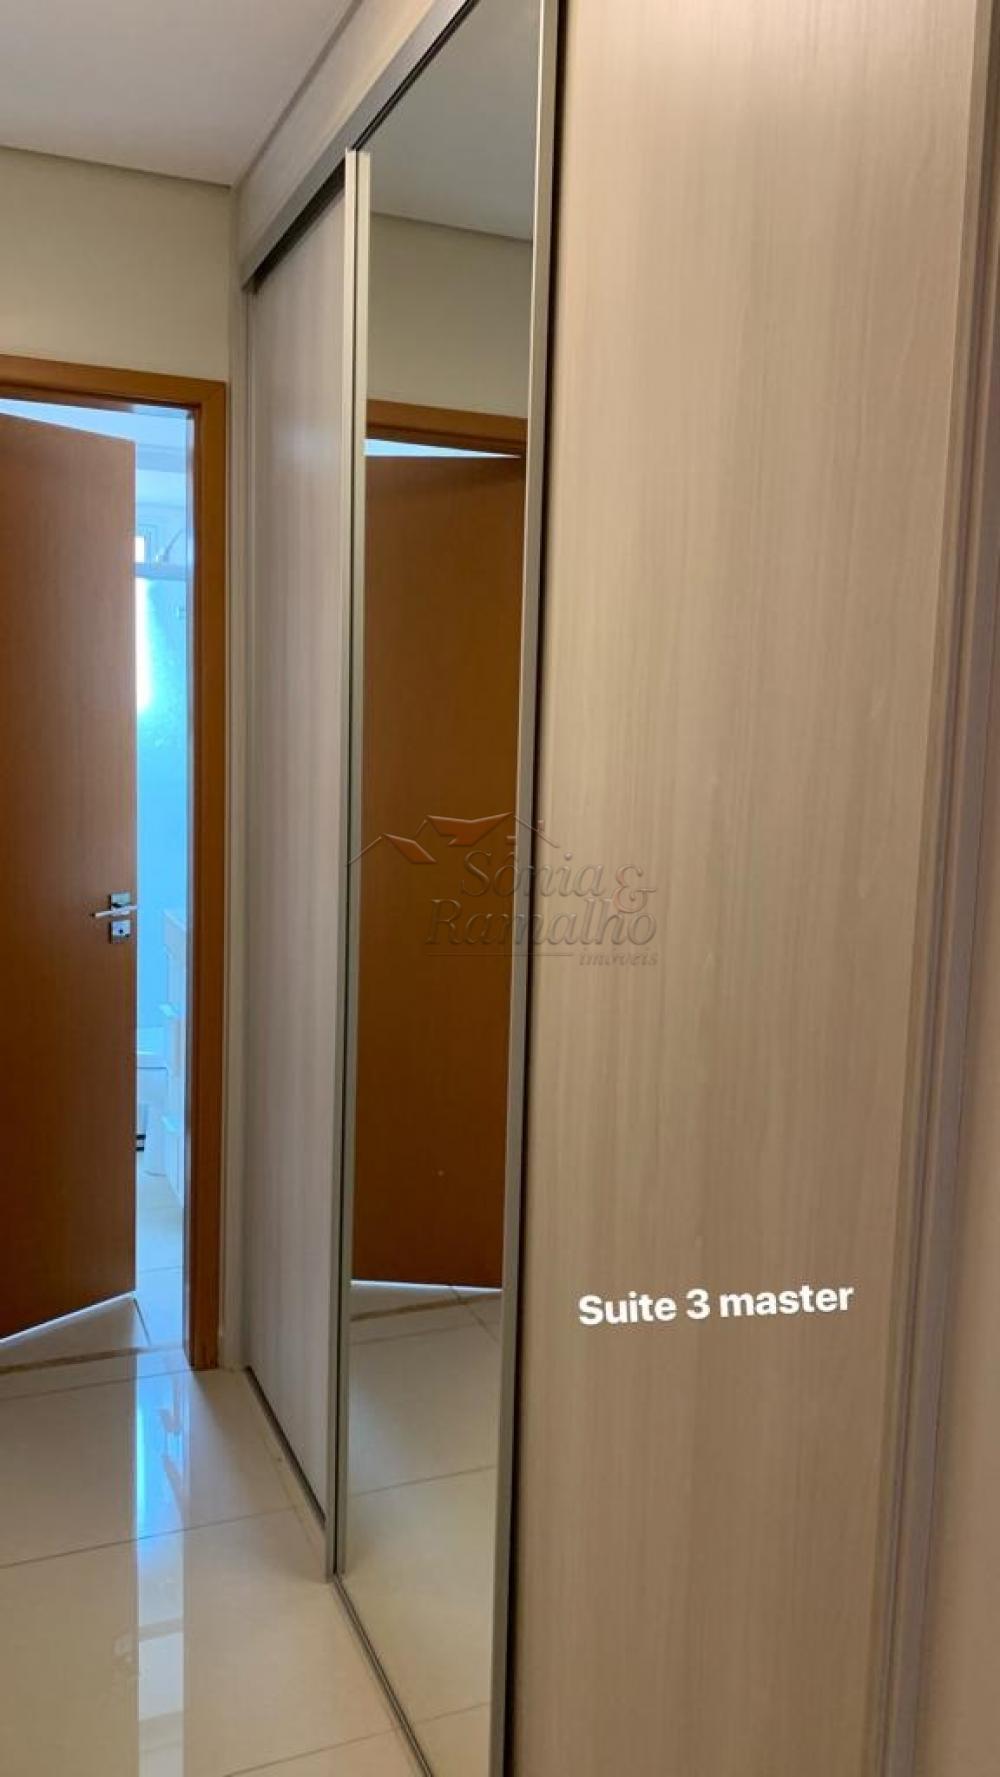 Comprar Apartamentos / Padrão em Ribeirão Preto apenas R$ 660.000,00 - Foto 15